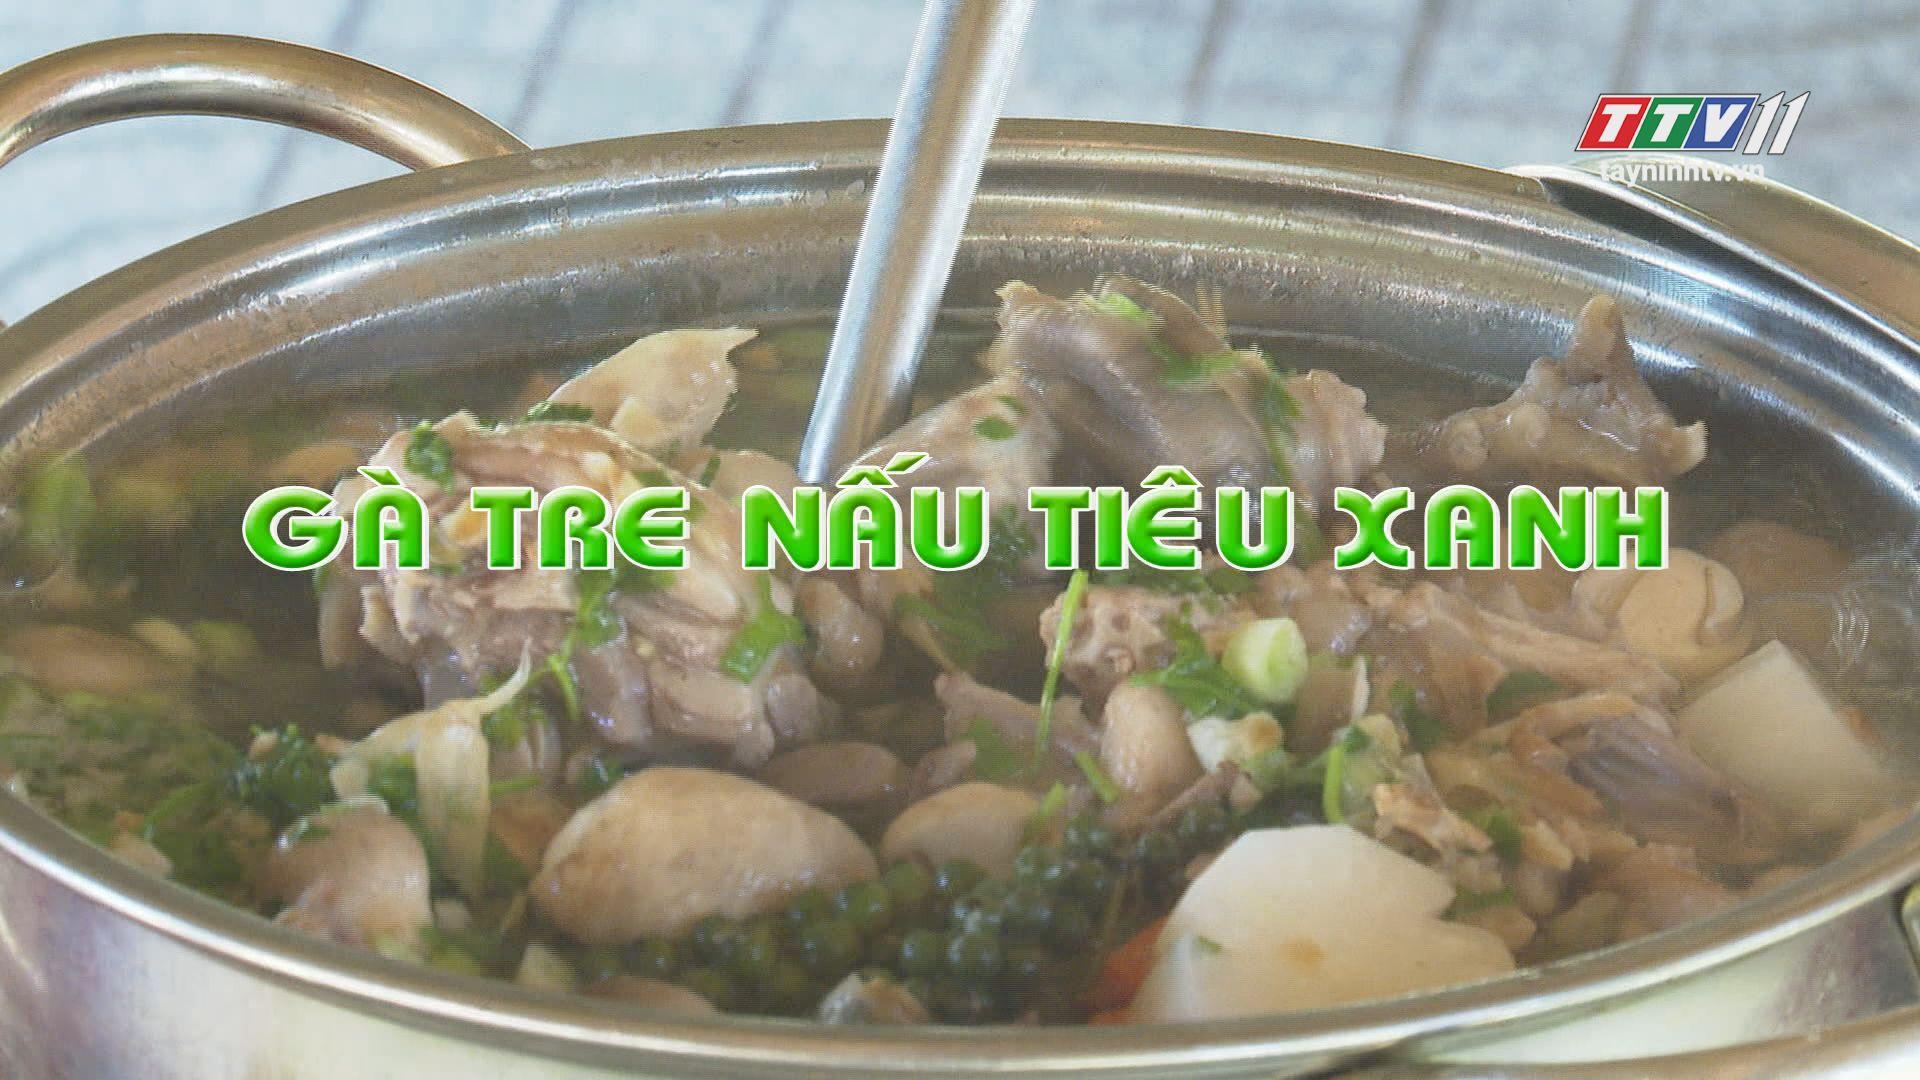 Gà tre nấu tiêu xanh | MÓN NGON MỖI TUẦN | TayNinhTV